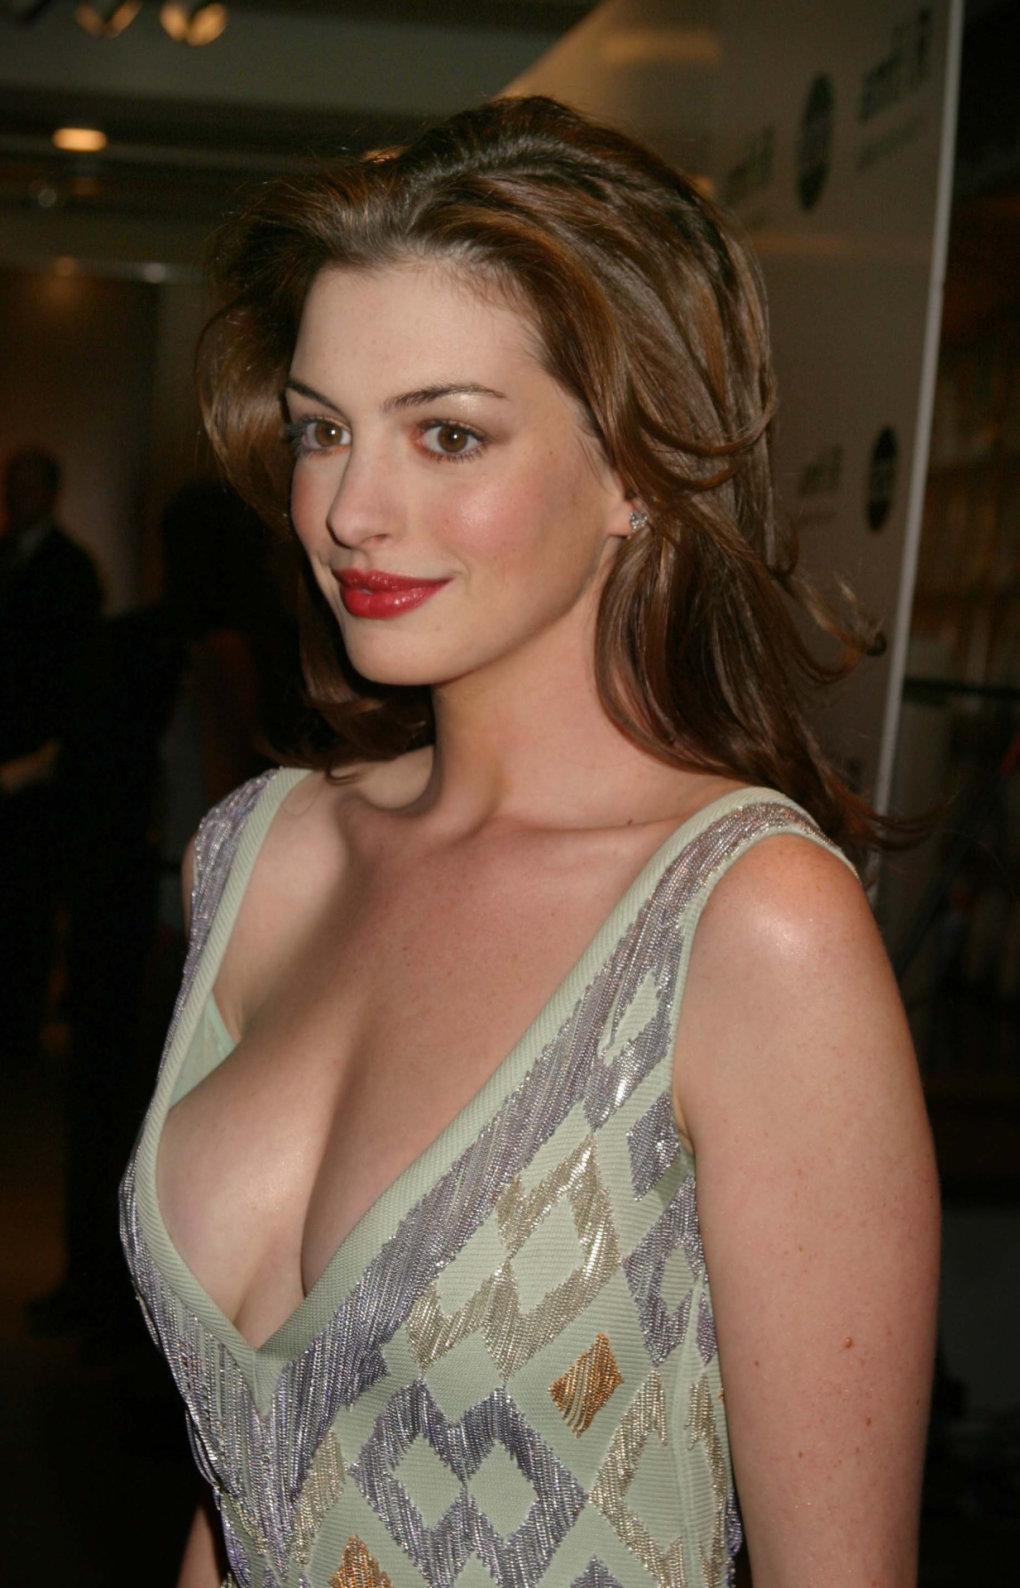 Anne Hathaway boobs pics